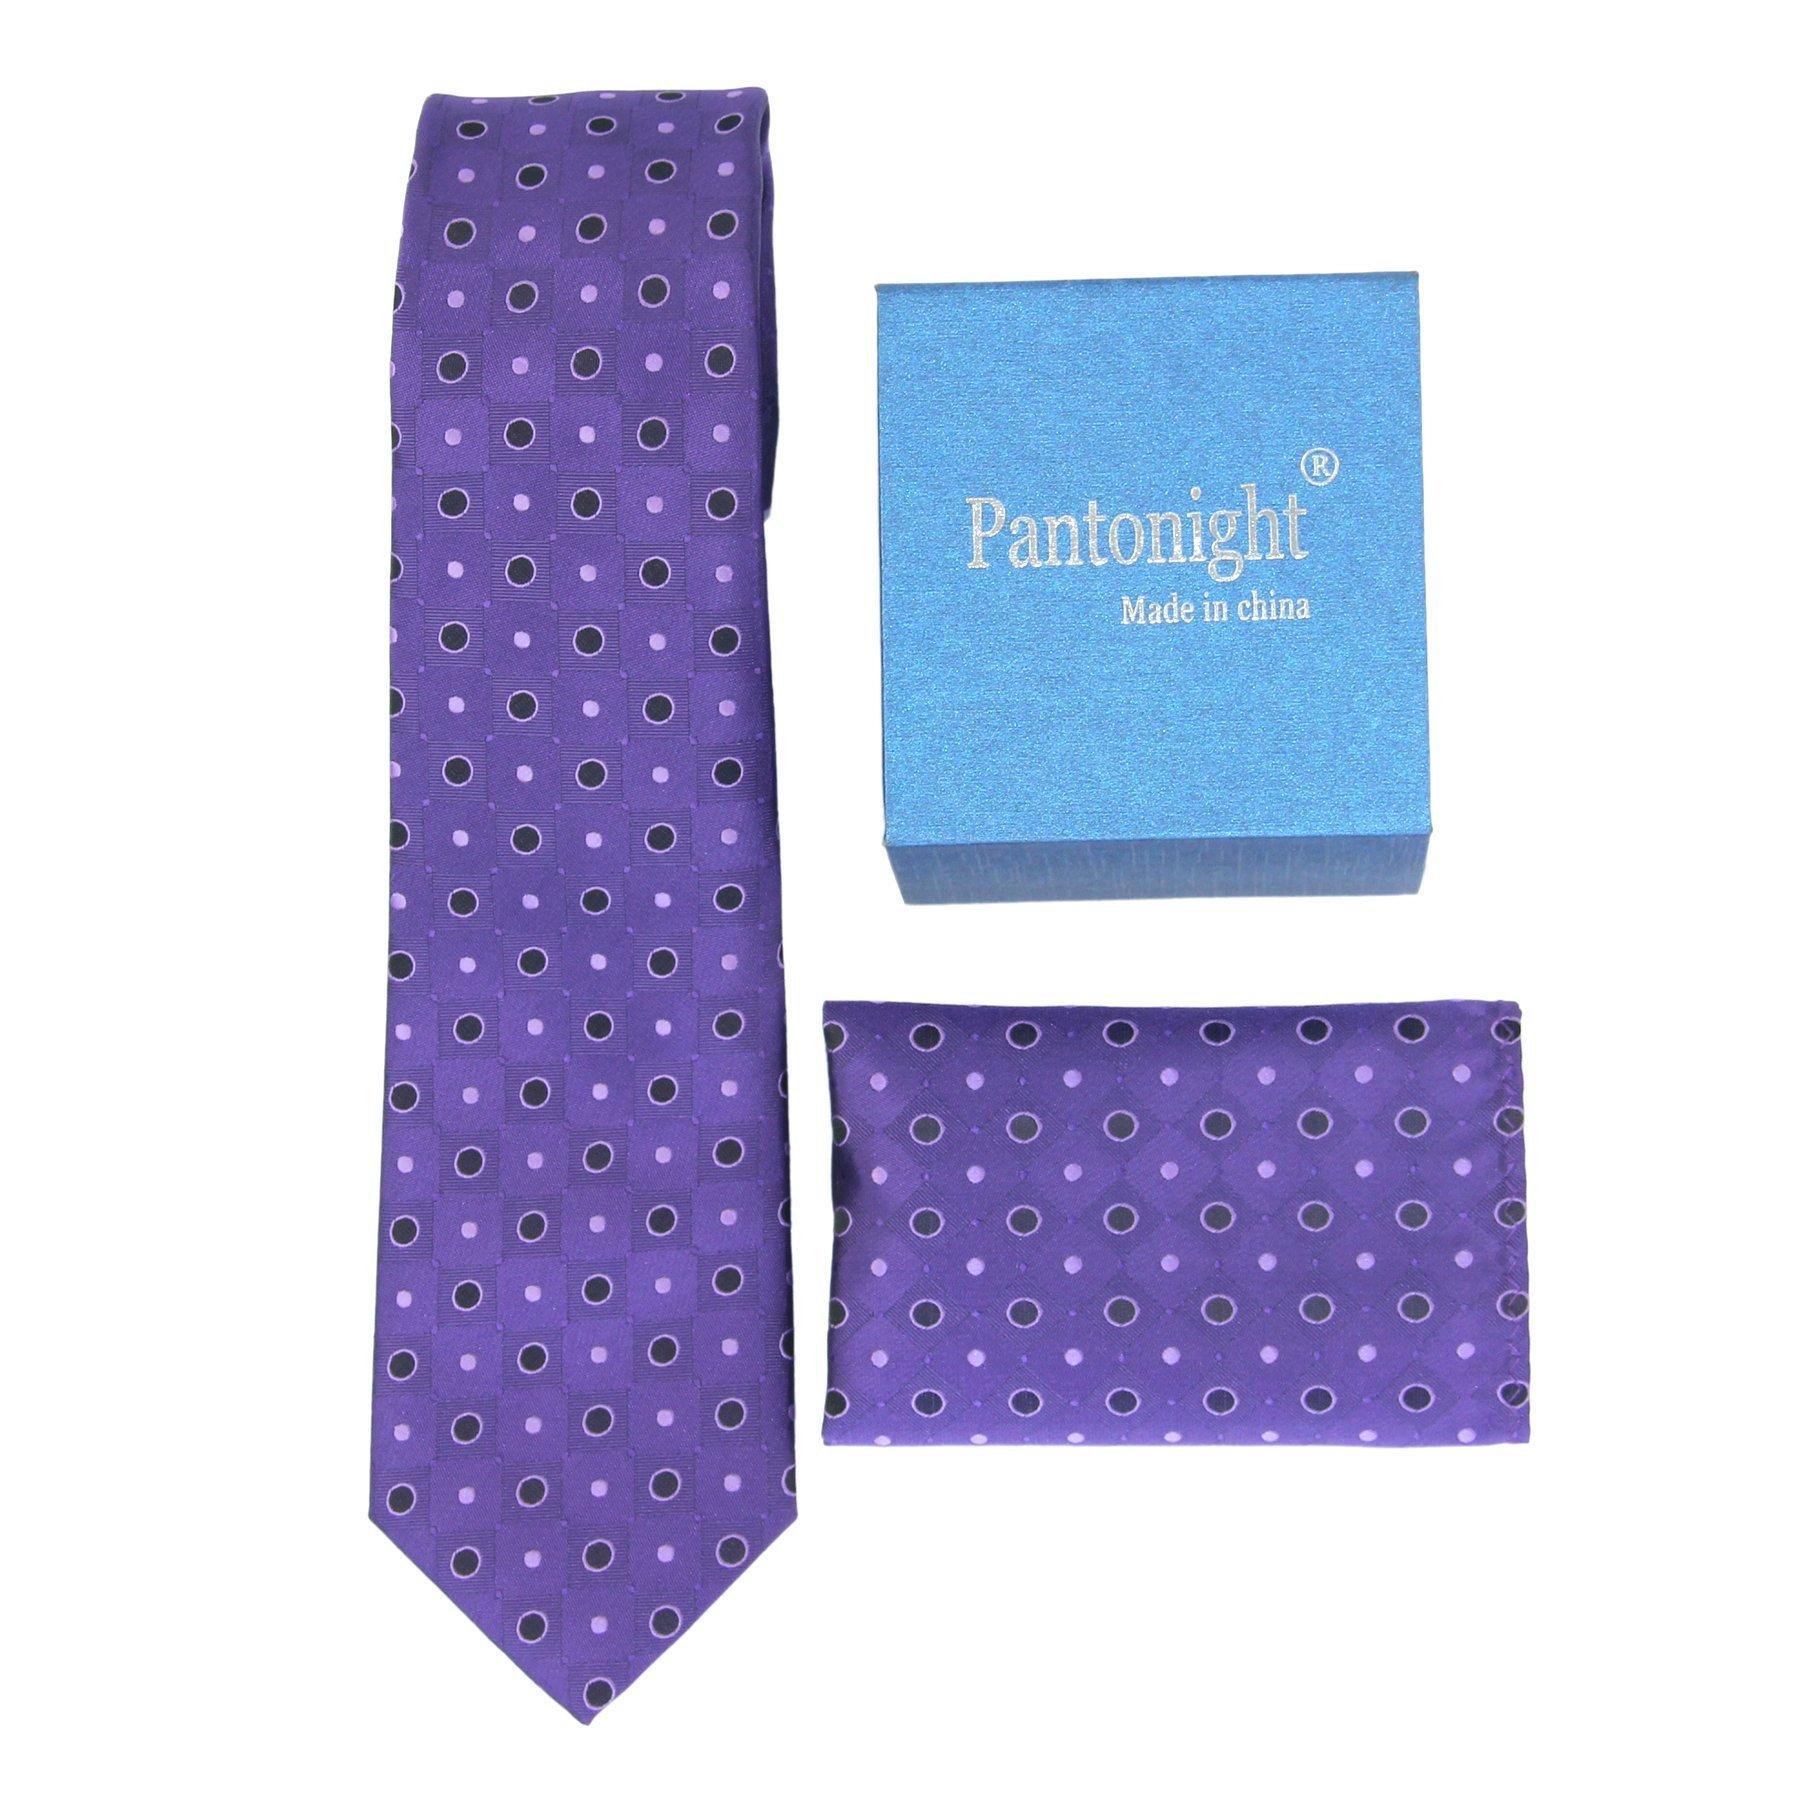 Purple Dot Necktie Woven Classic Ties for Men + Pocket Square Set - Jacqured Necktie Hanky Set - Mens Ties Neck Tie +gift box Multi Colors (purple dots 128)